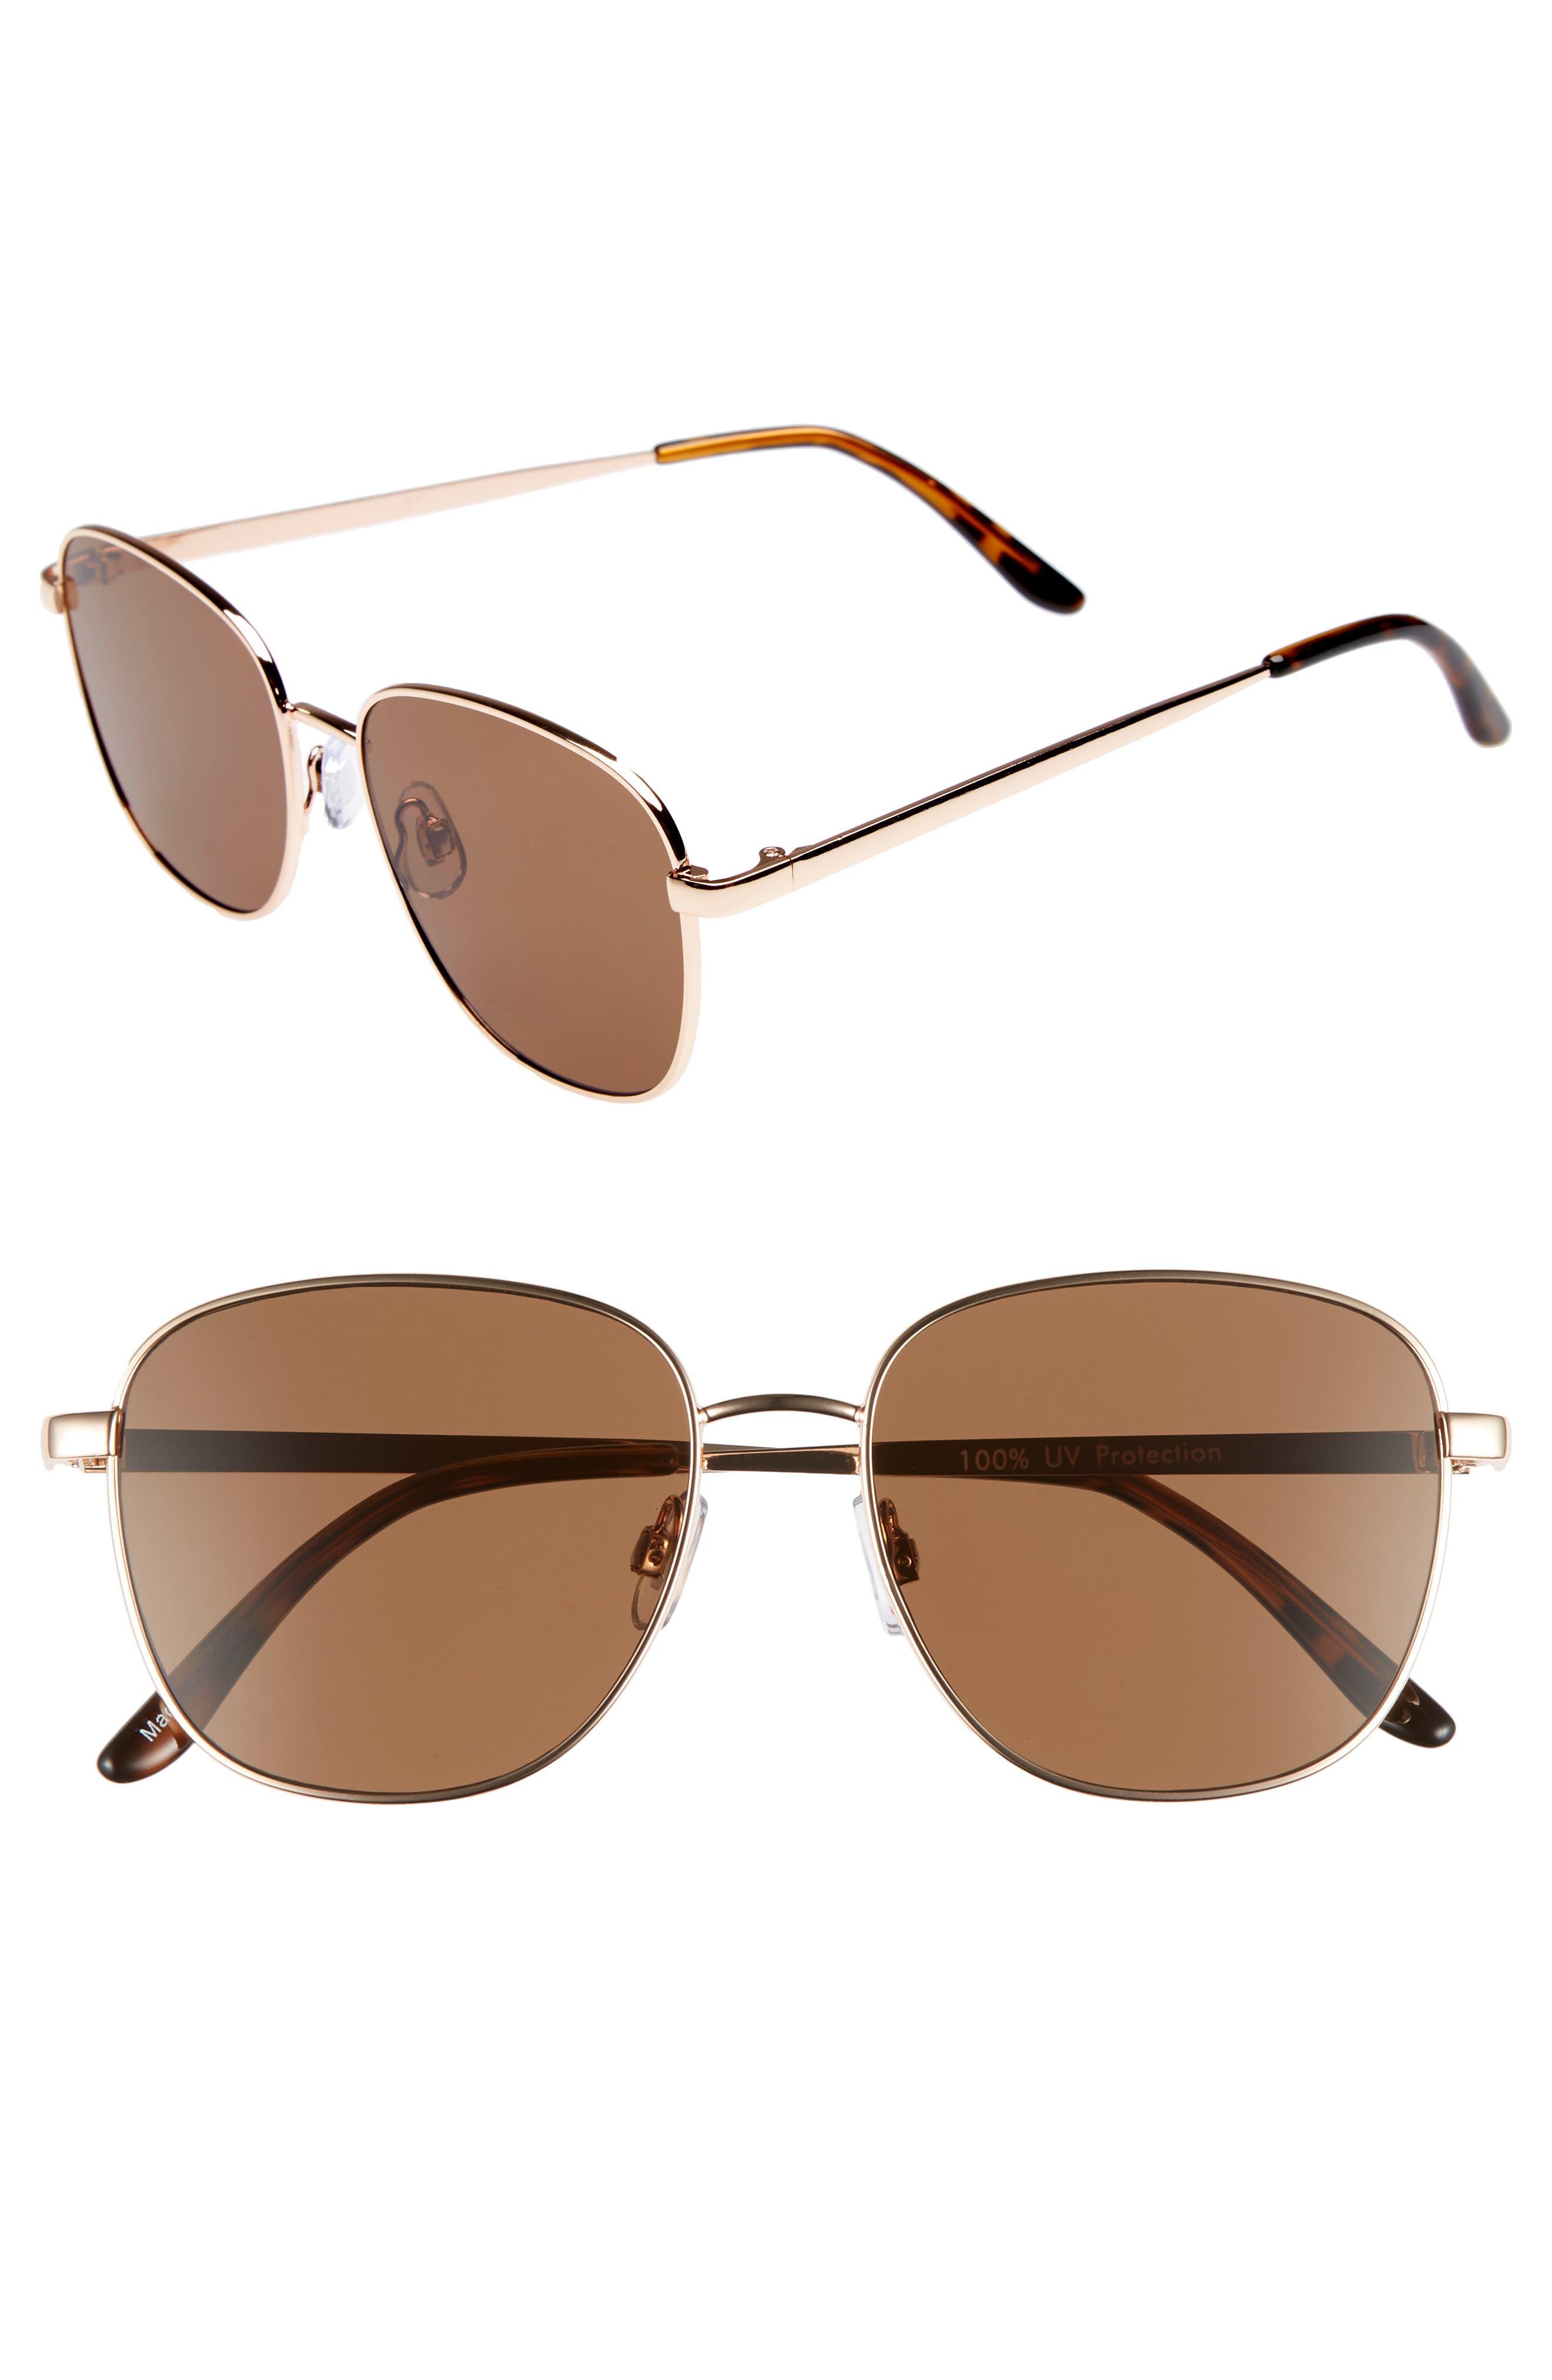 53mm Square Sunglasses,                         Main,                         color, 710